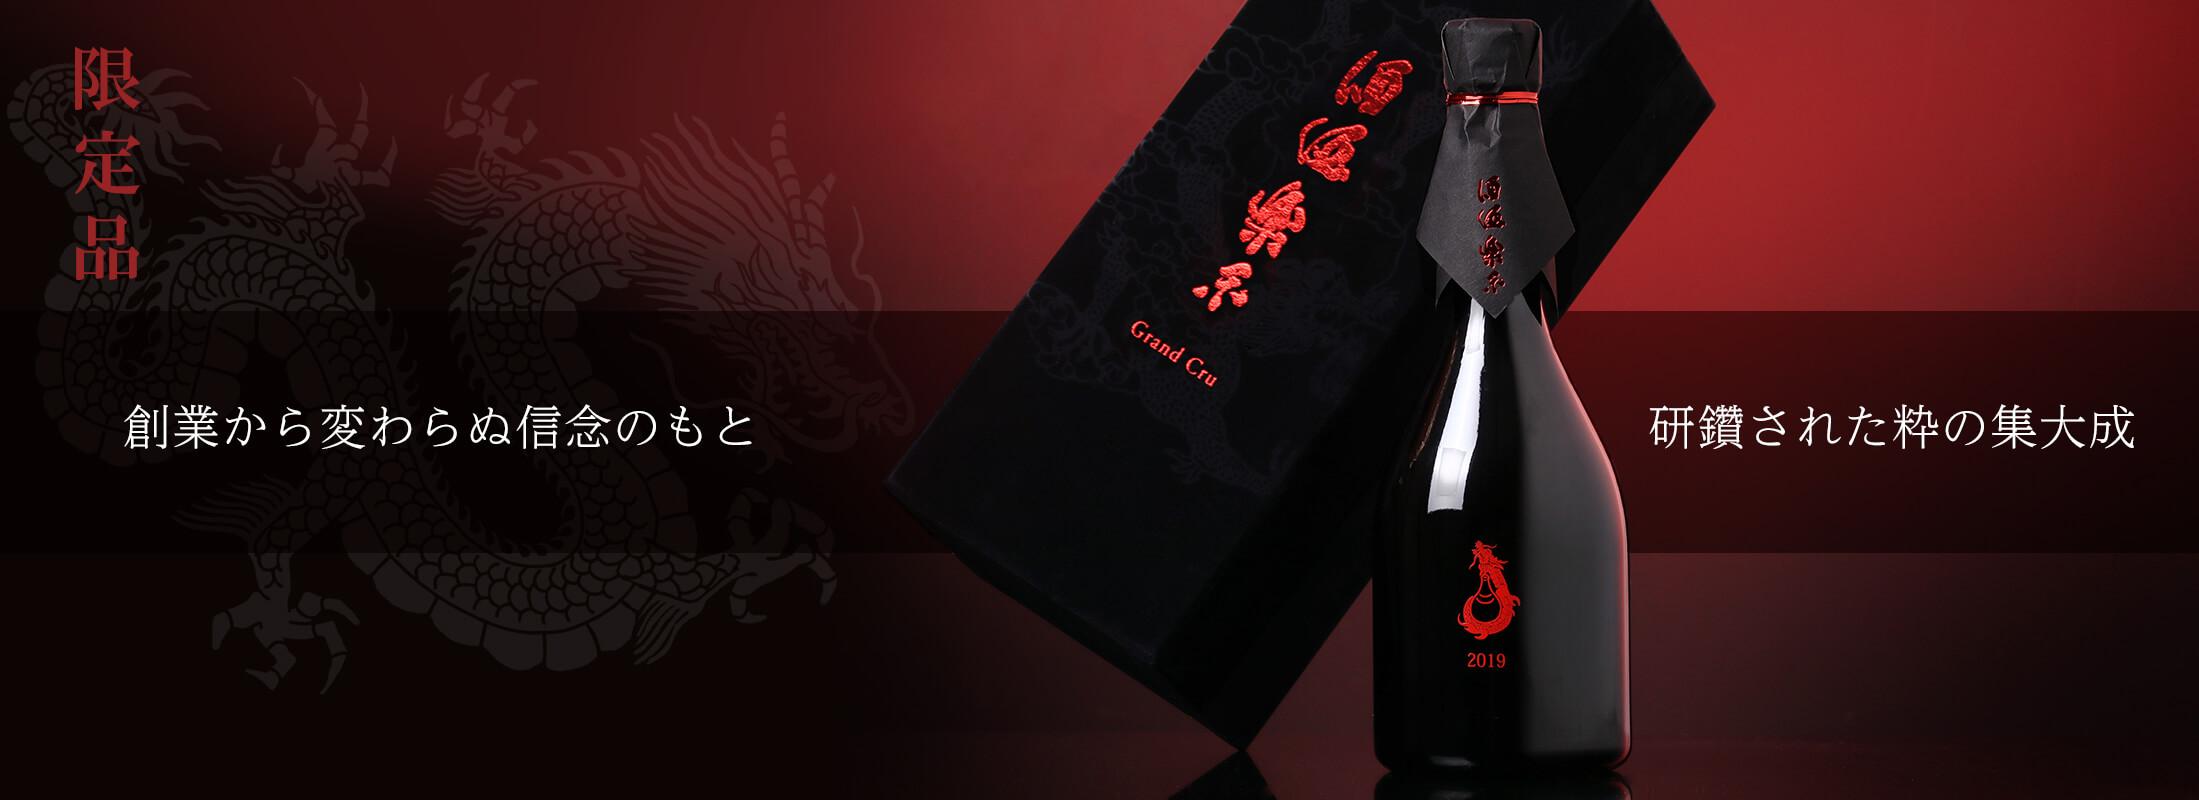 宝山 GrandCru 「酒酒楽楽」 赤